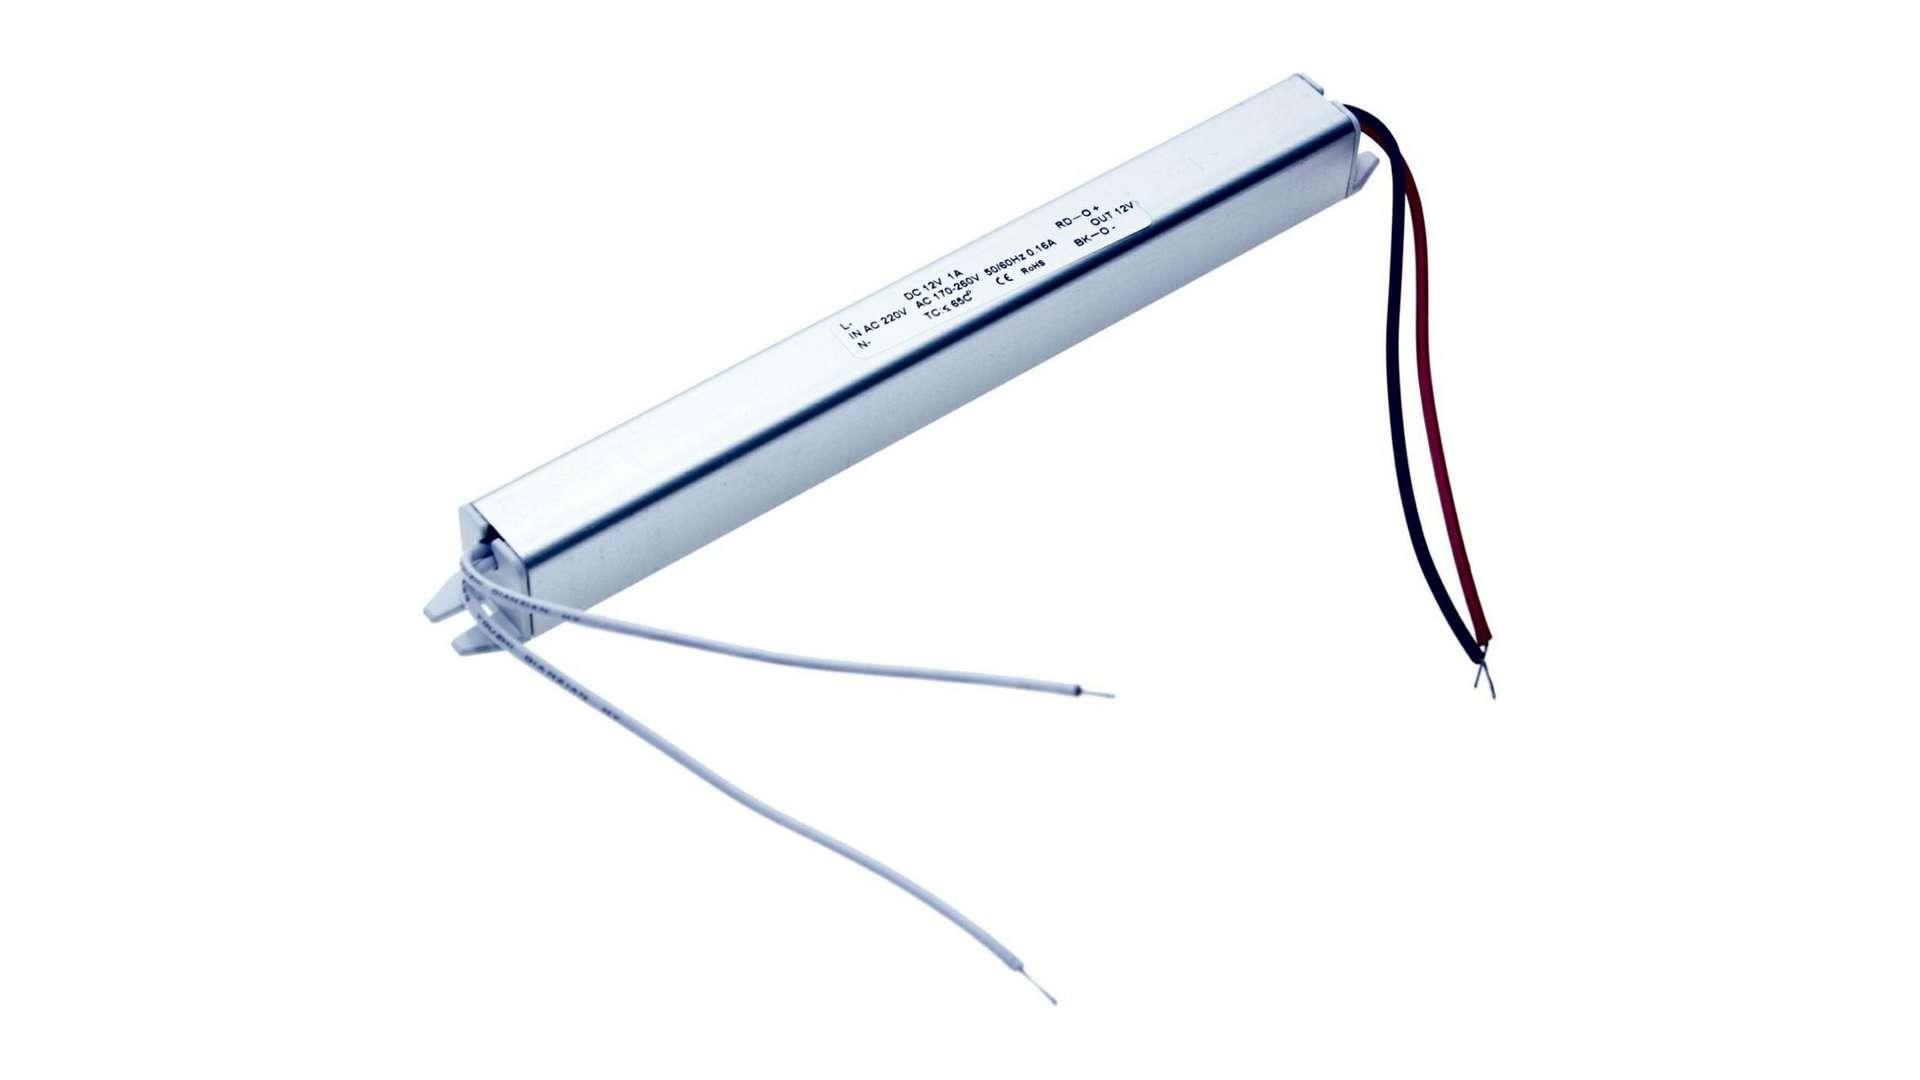 Moduł zasilacza meblowy MC 12V 12W IP20 ultra slim